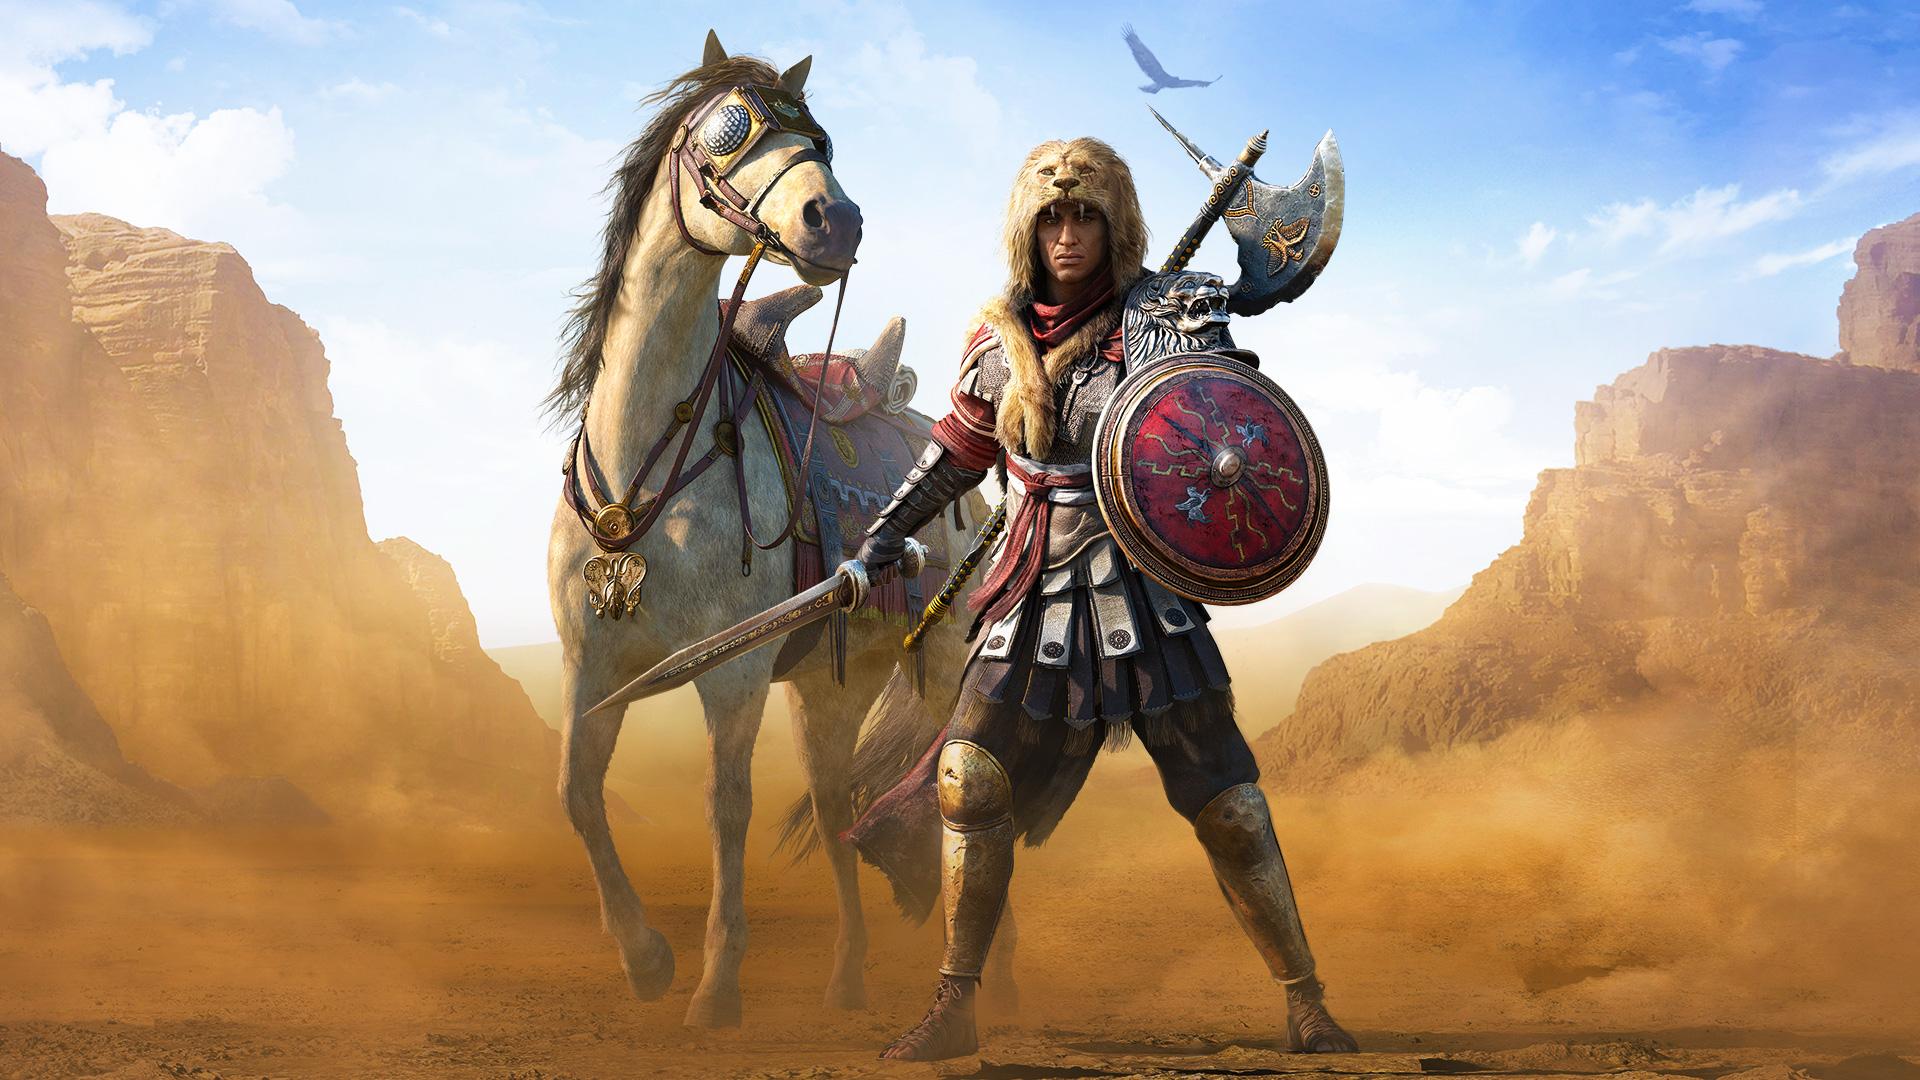 Roman Centurion Assassins Creed Origins, HD Games, 4k ...